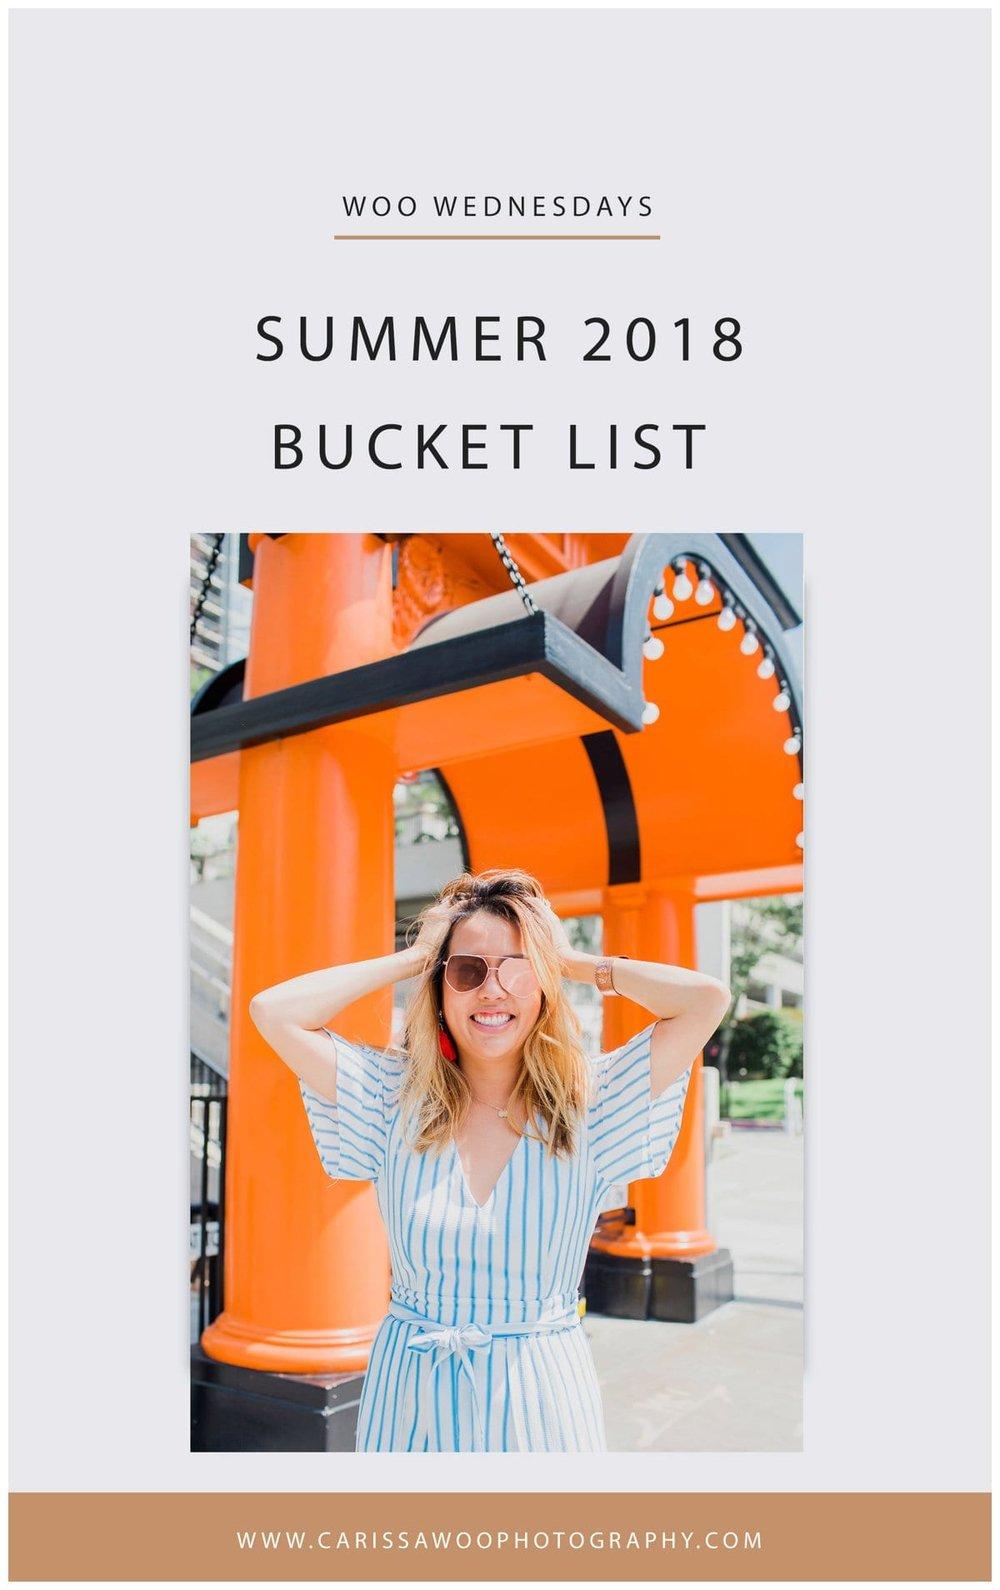 Bucketlist-Carissa-Woo-Photography_0001.jpg